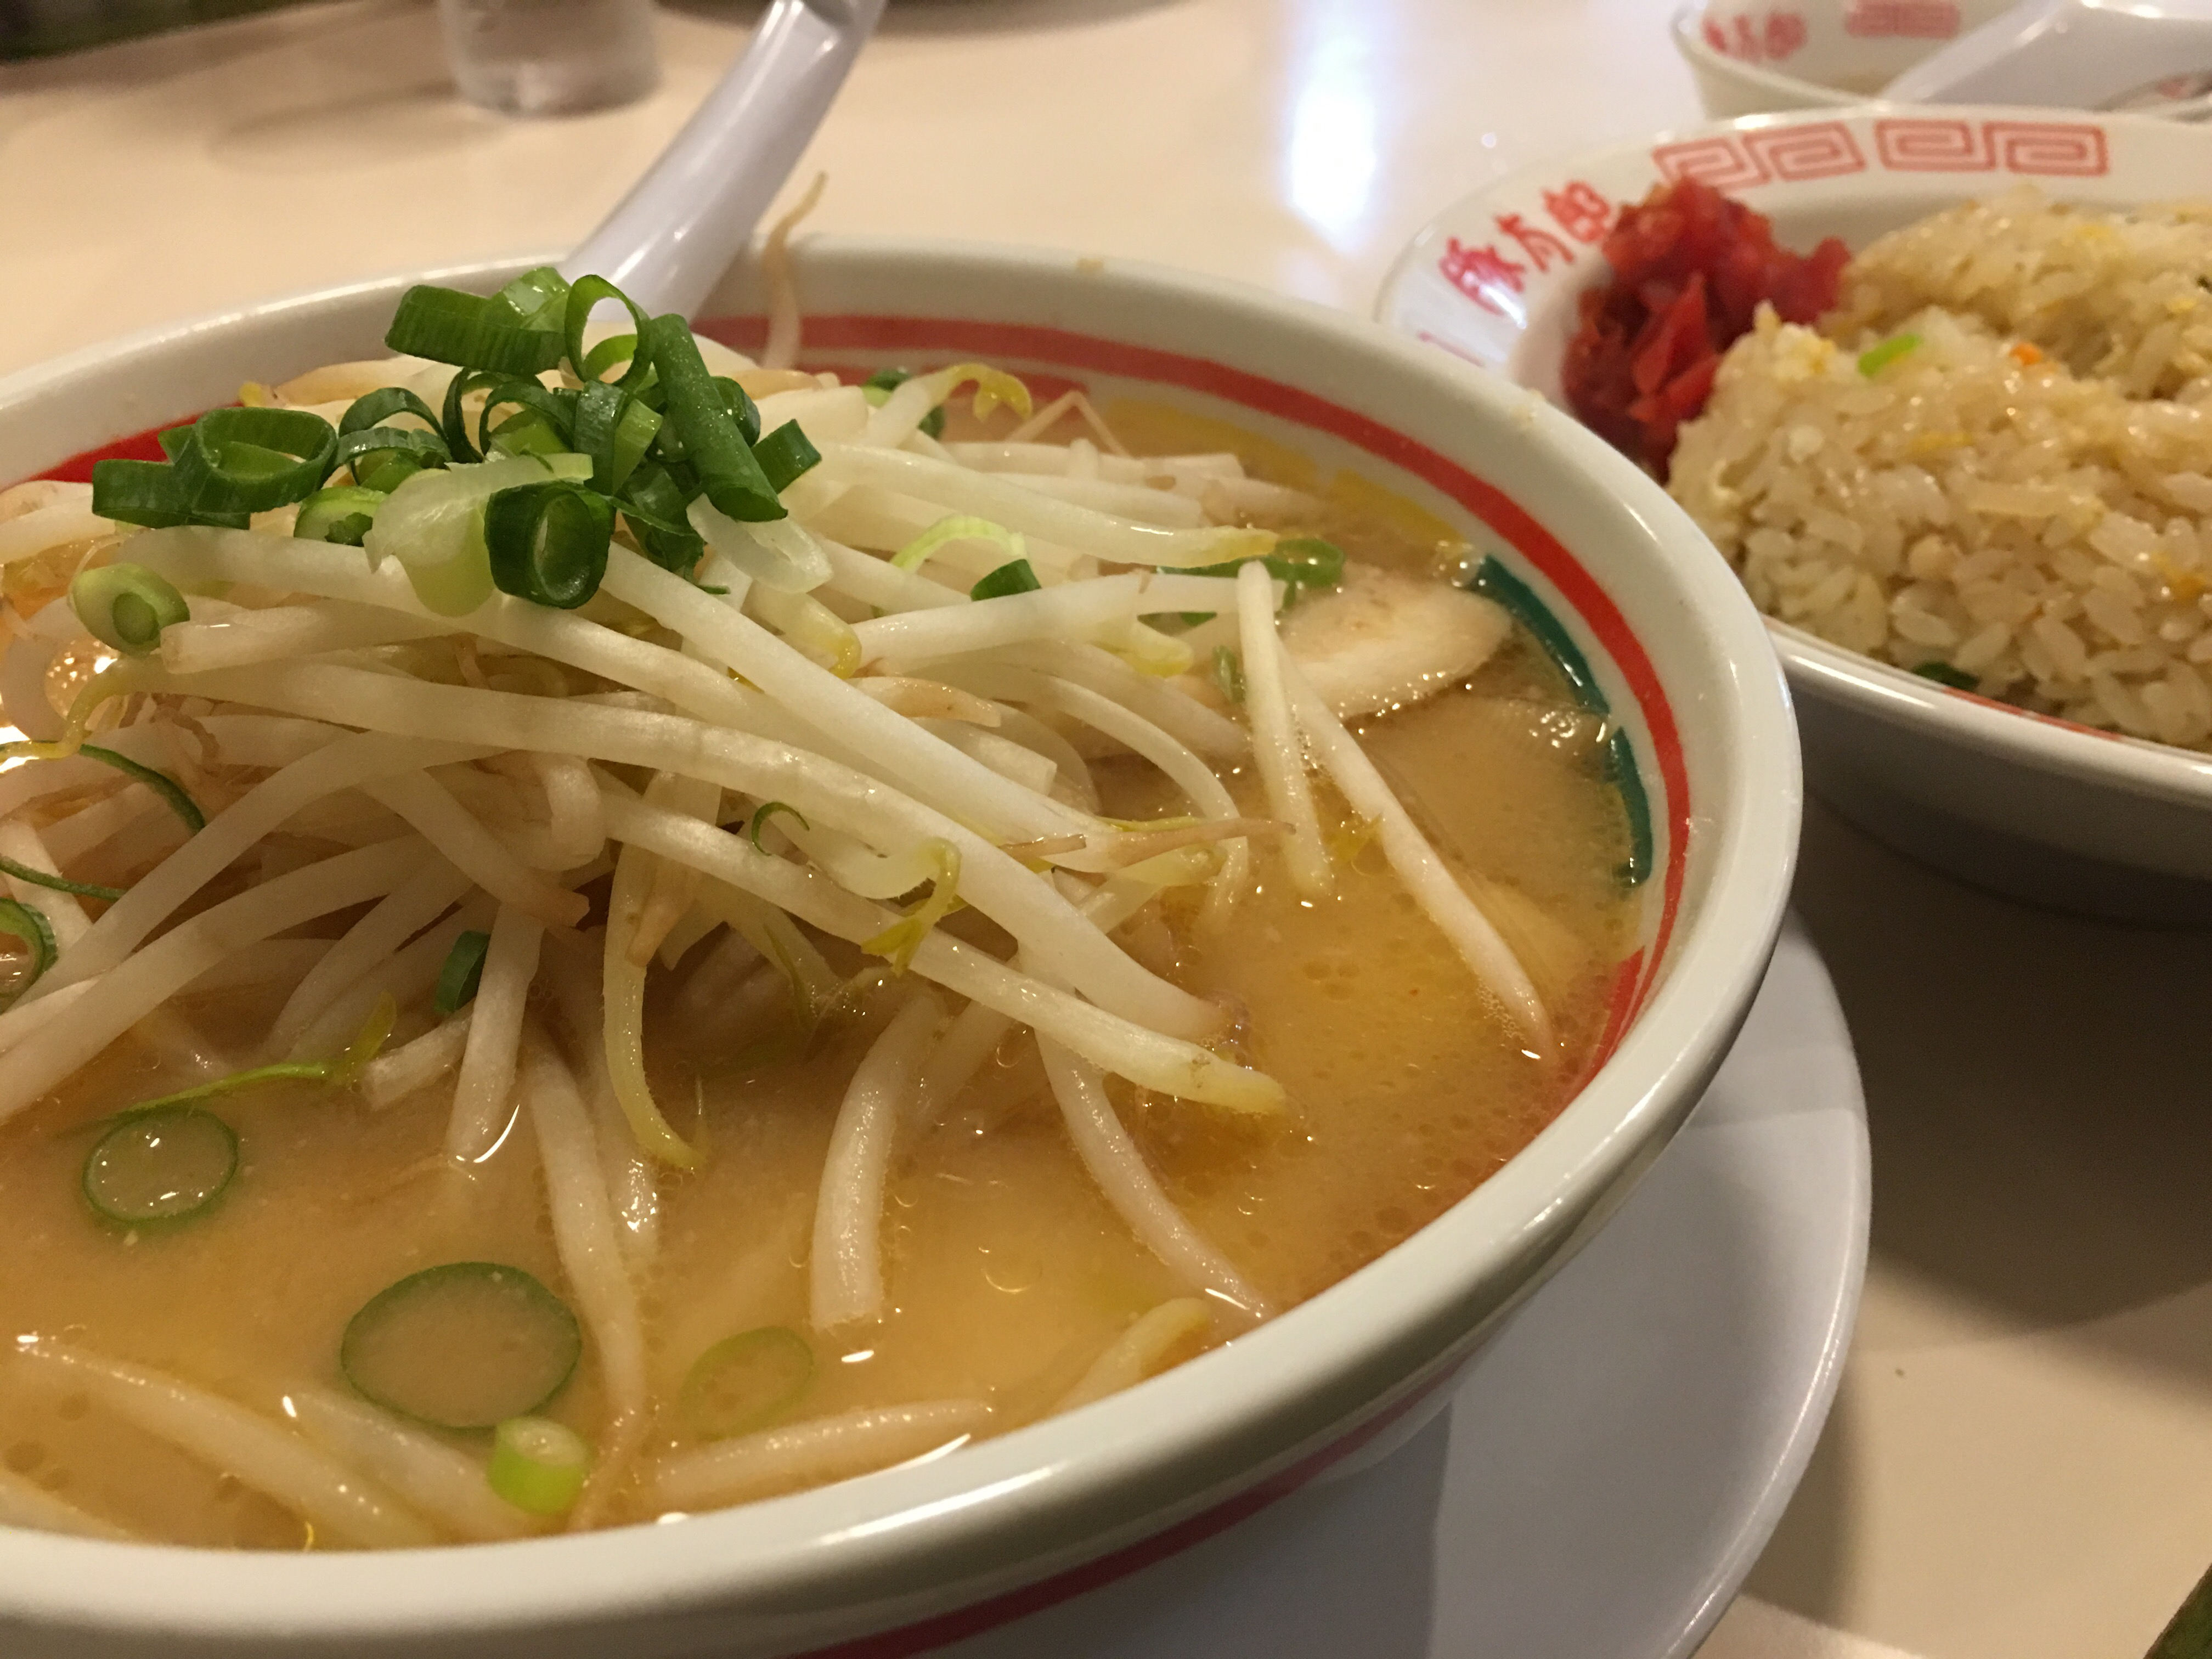 愛媛県民御用達の味!ついつい寄ってしまう「豚太郎」(とんたろう)平野店に行ってきました!